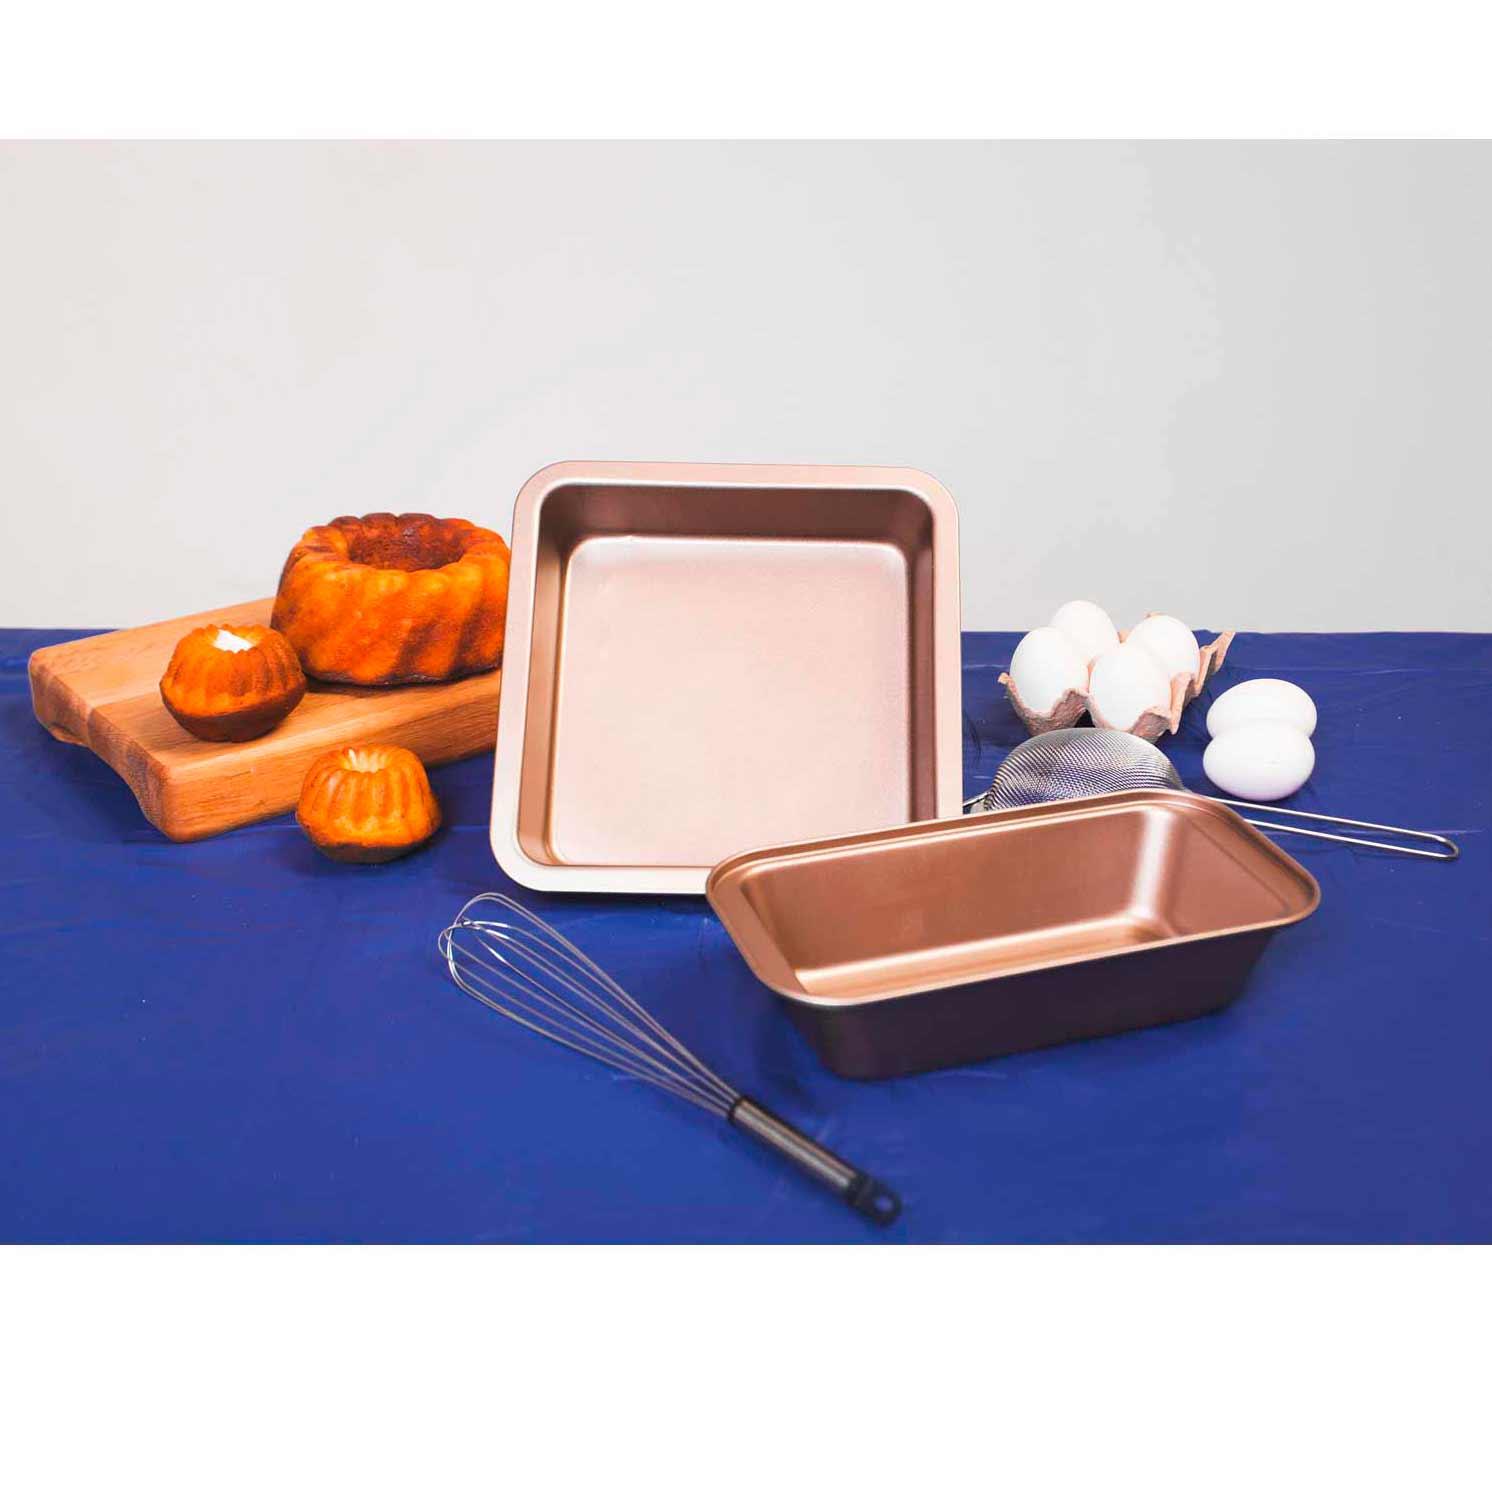 Форма для выпечки «Рэнди», 25×13×6 см, антипригарное покрытие